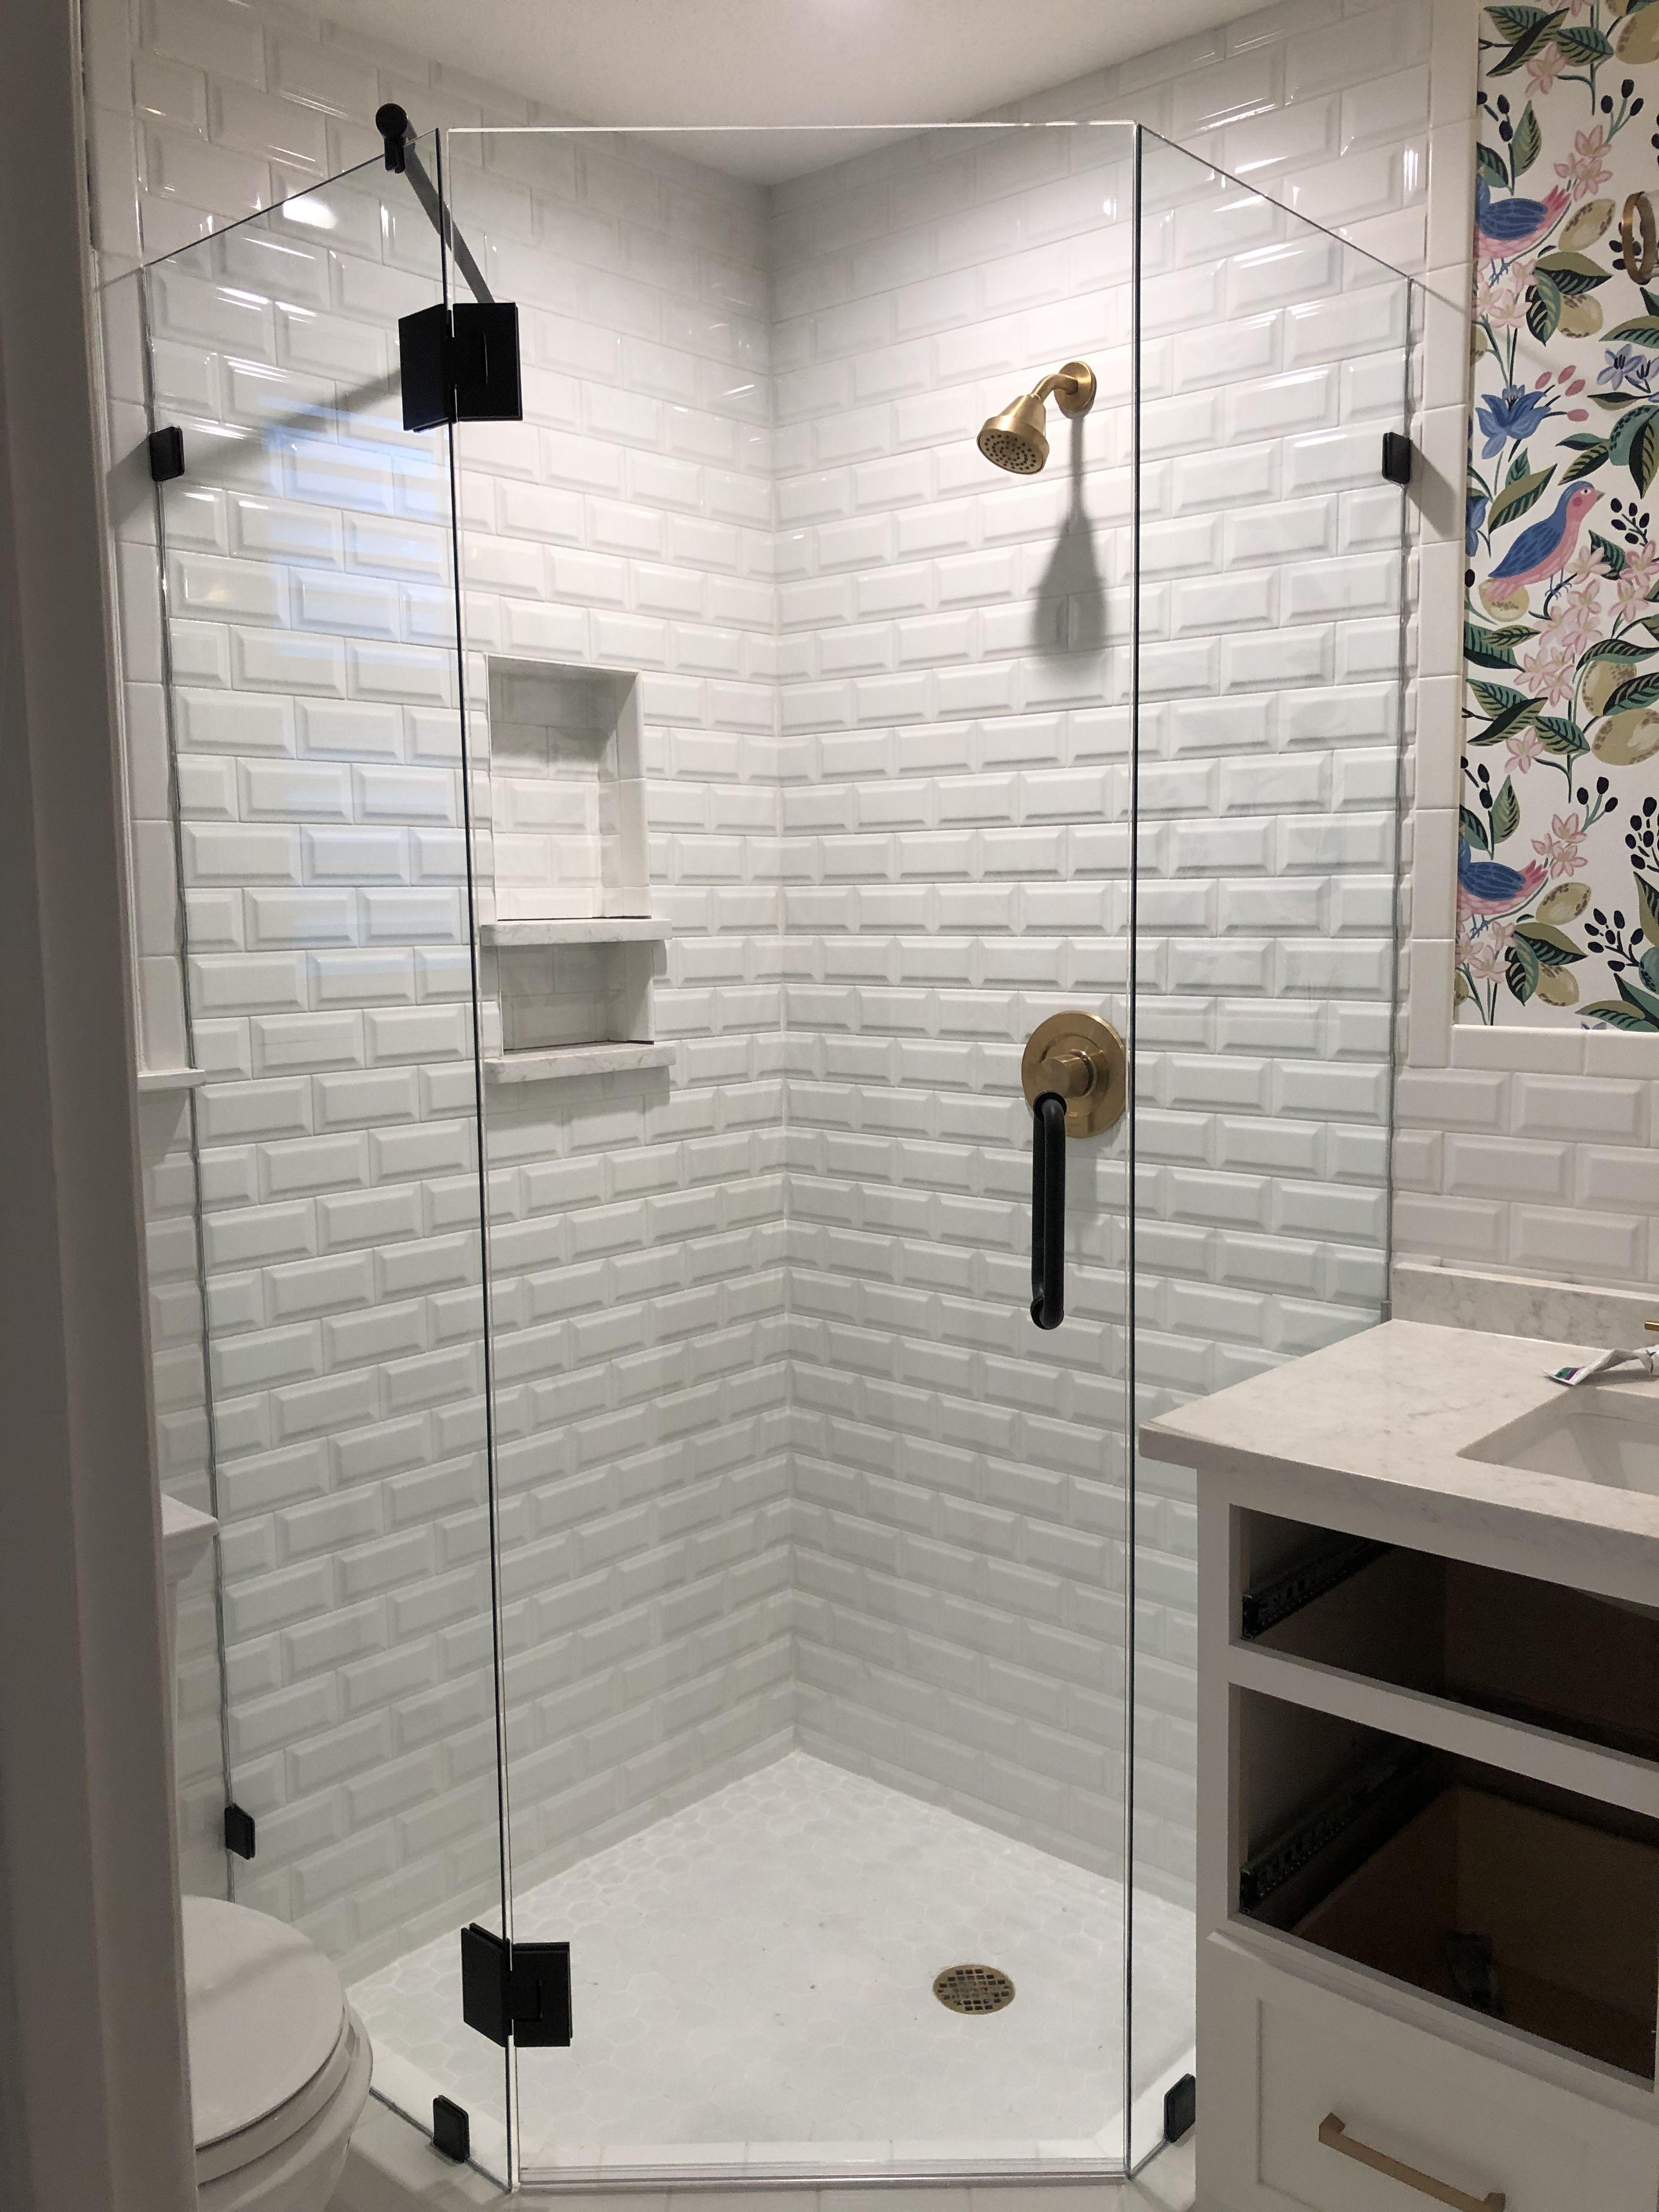 Frameless Neo Angle Shower Enclosure So Beautiful Southtxmade Work Done By Medina Glass Dev Neo Angle Shower Enclosures Neo Angle Shower Bathroom Interior